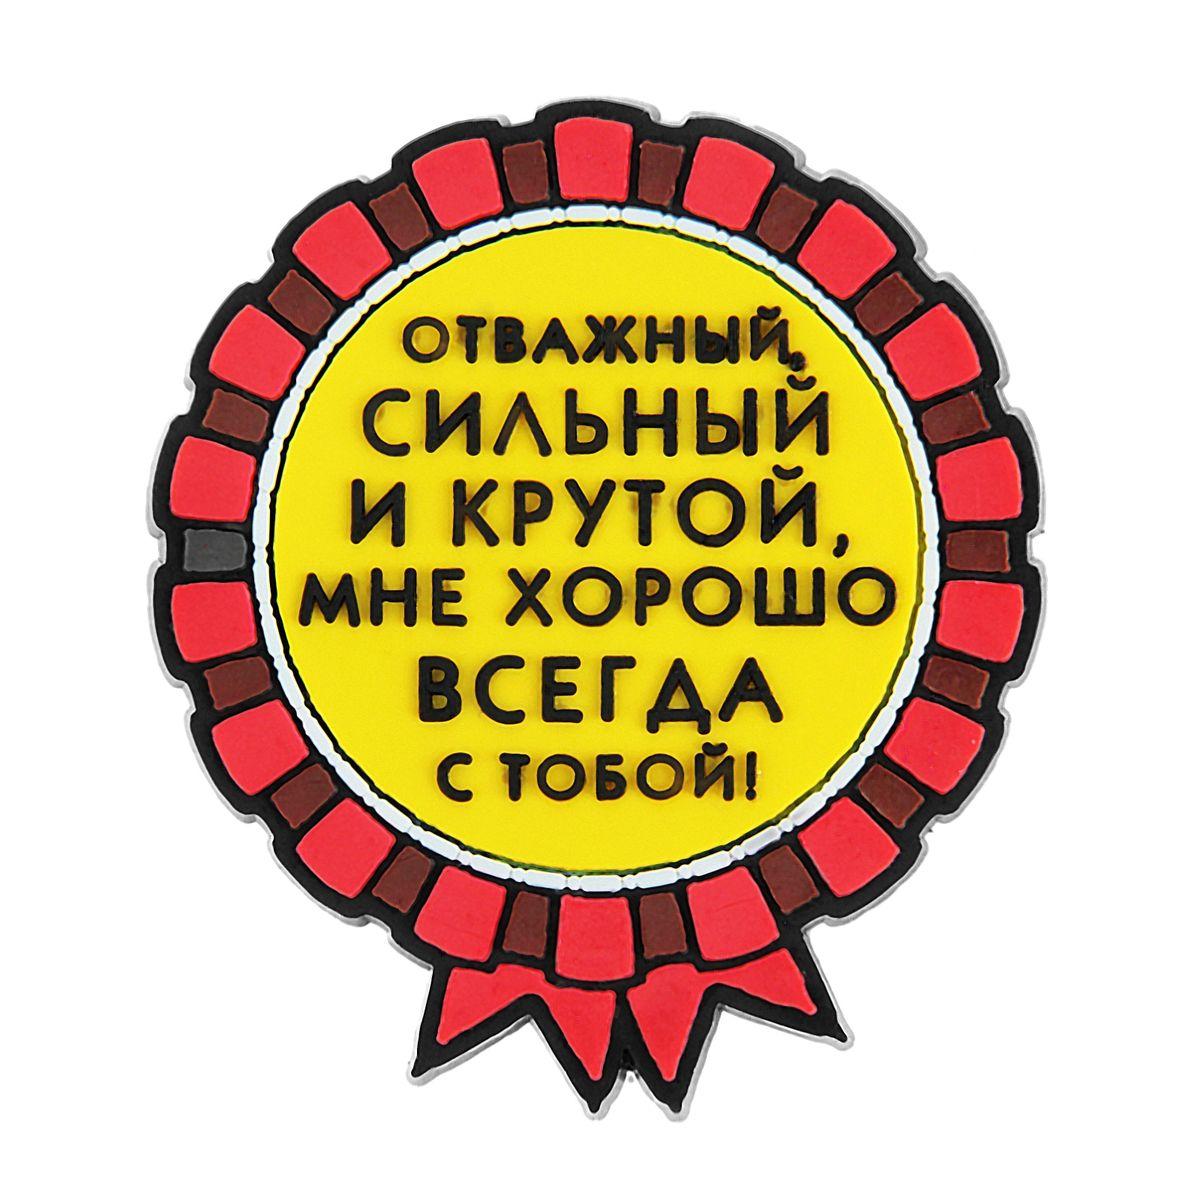 Магнит Sima-land Отважный, сильный и крутой, диаметр 5 см765184Магнит Sima-land Отважный, сильный и крутой прекрасно подойдет в качестве сувенира ко Дню защитника Отечества. Изделие выполнено из резины и оформлено надписью: Отважный, сильный и крутой, мне хорошо всегда с тобой!. Магнит - одно из самых простых, недорогих и при этом оригинальных украшений интерьера. Он отлично подойдет в качестве подарка. Эксклюзивный дизайн и поздравительные надписи не оставят равнодушными никого, даже тех, кто не служил в армии. Подчеркните лишний раз всю силу характера и духа ваших близких и знакомых, подарив им этот небольшой, но такой привлекательный подарок.